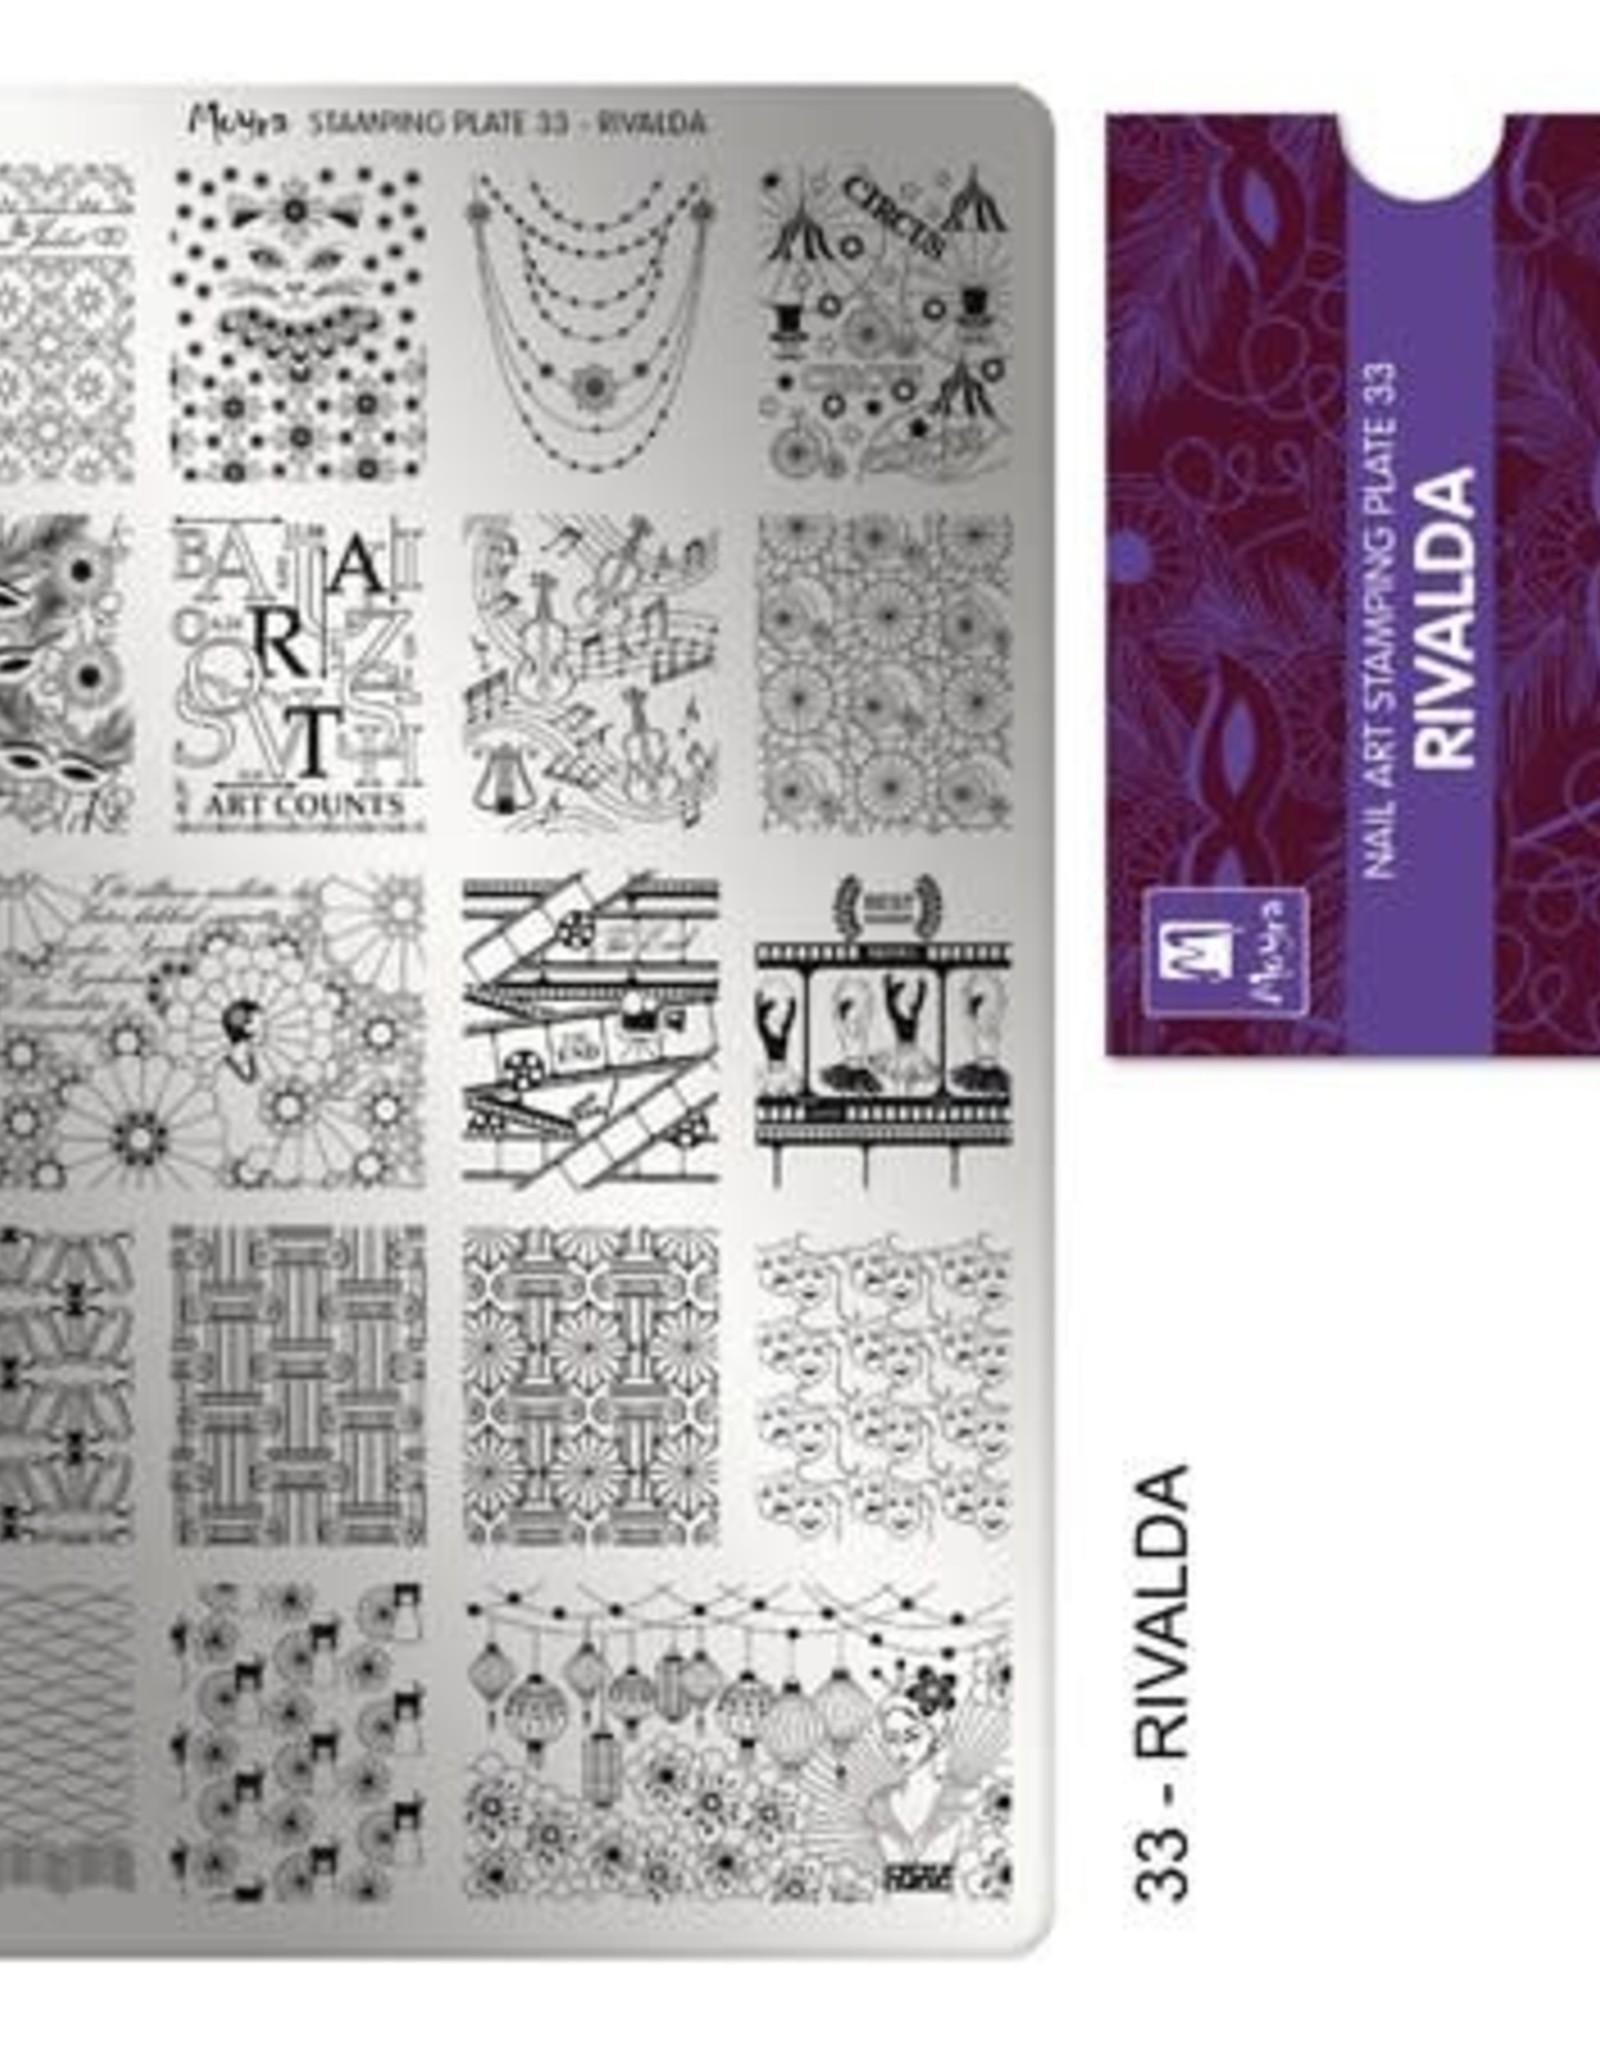 Moyra Moyra Stamping plate 33 Rivalda